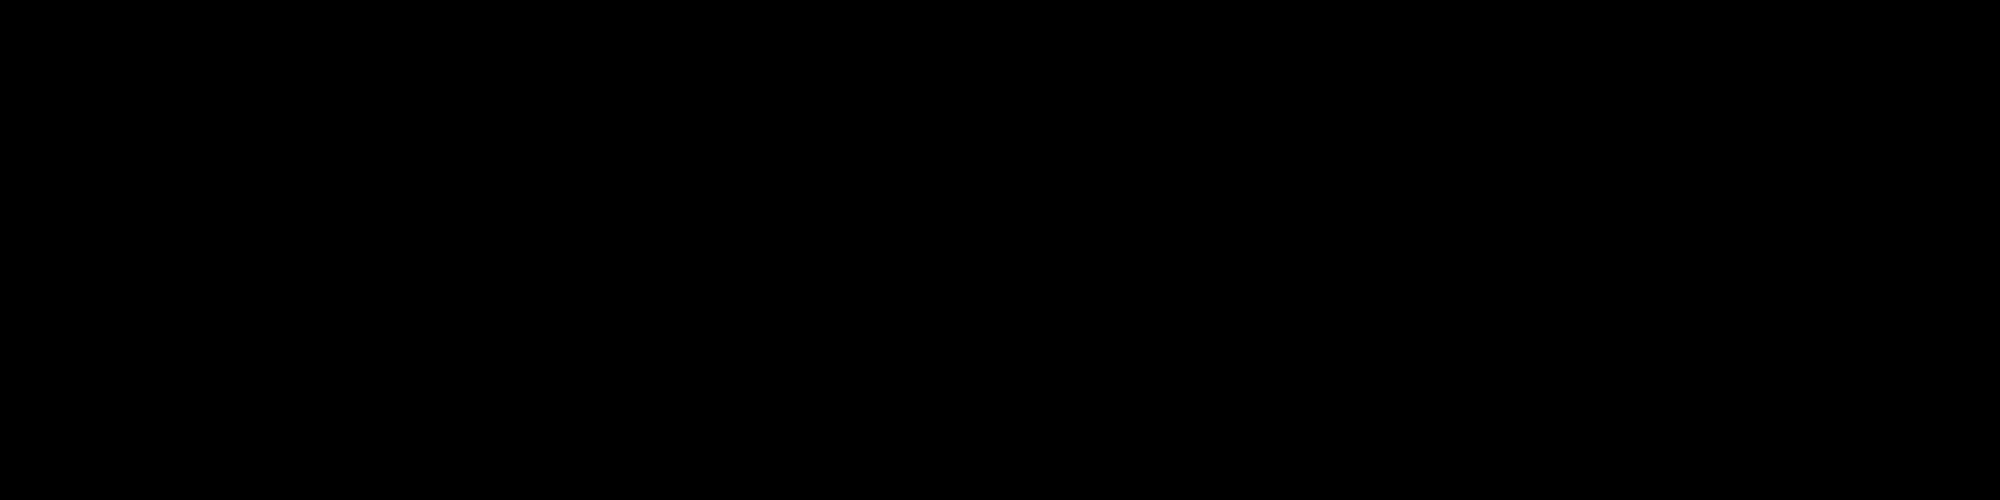 Stryker Endoscopes Image